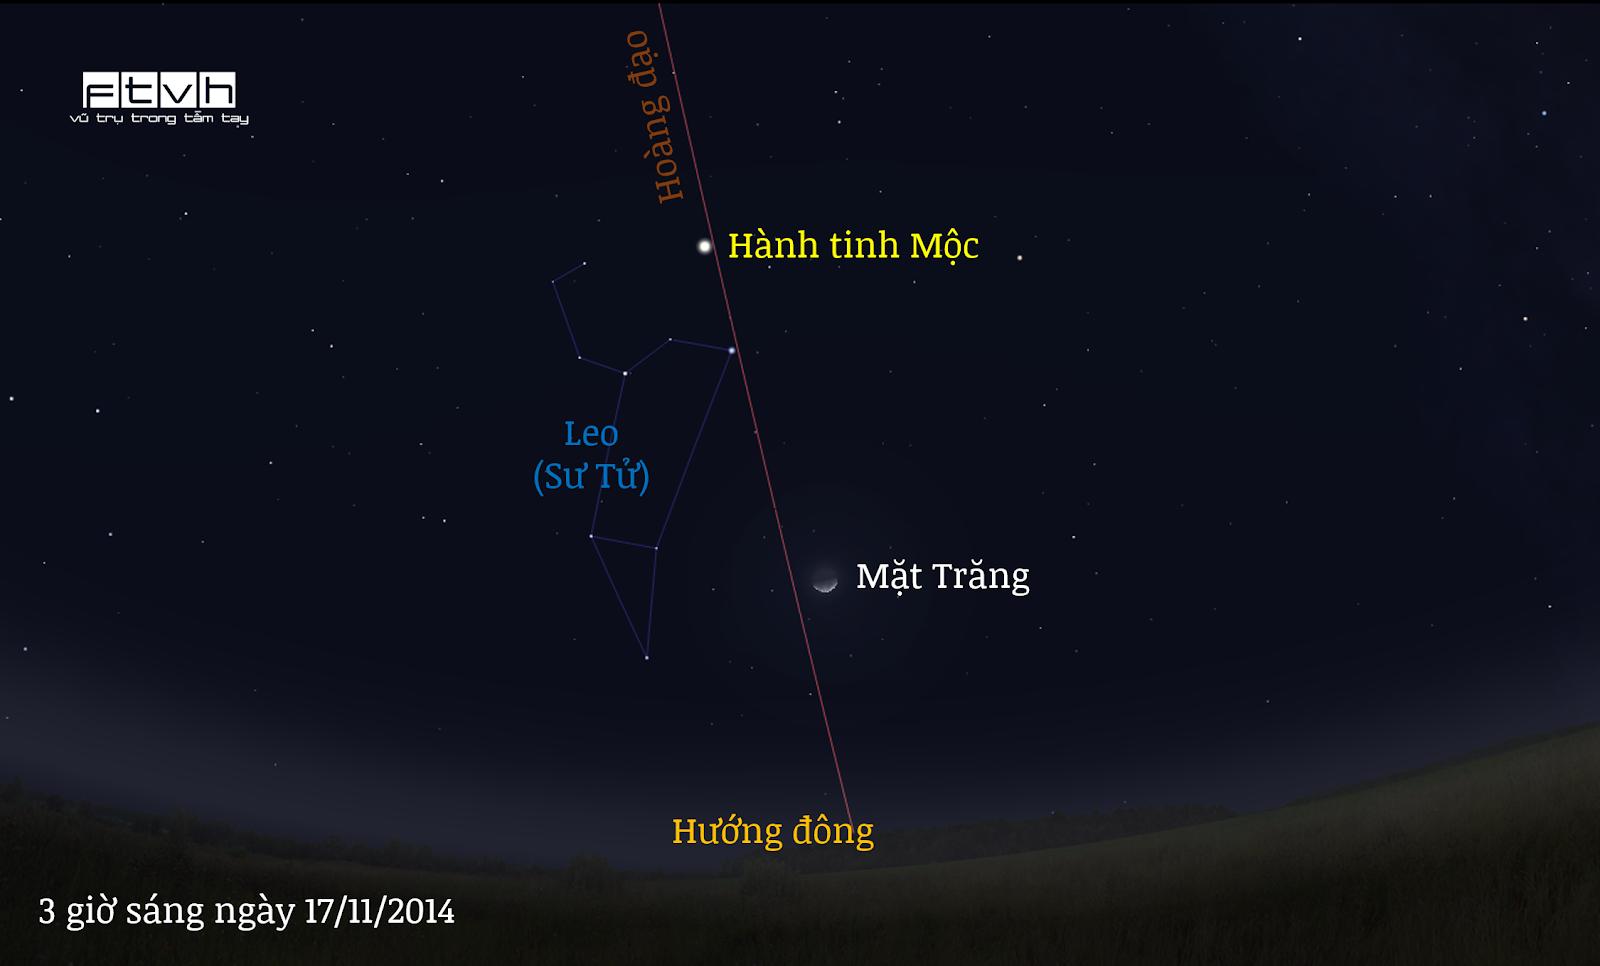 Minh họa bầu trời hướng đông vào lúc 3 giờ sáng ngày 17/11/2014 với hành tinh Mộc nằm trong khu vực chòm sao Leo (Sư Tử).